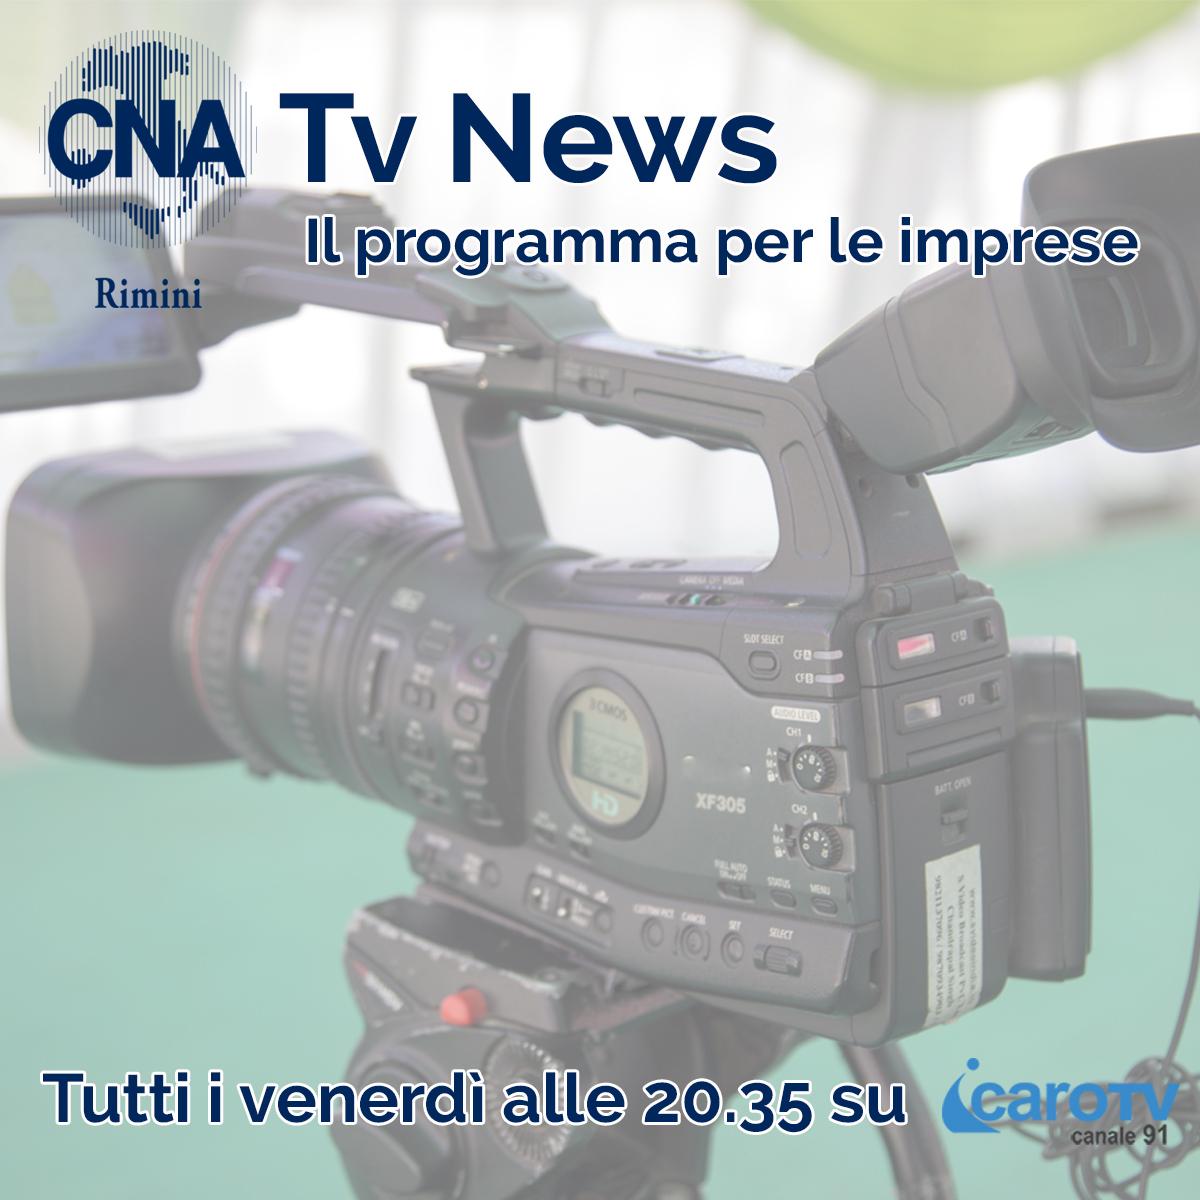 CNA TV NEWS GUARDA LA PUNTATA DI FEBBRAIO